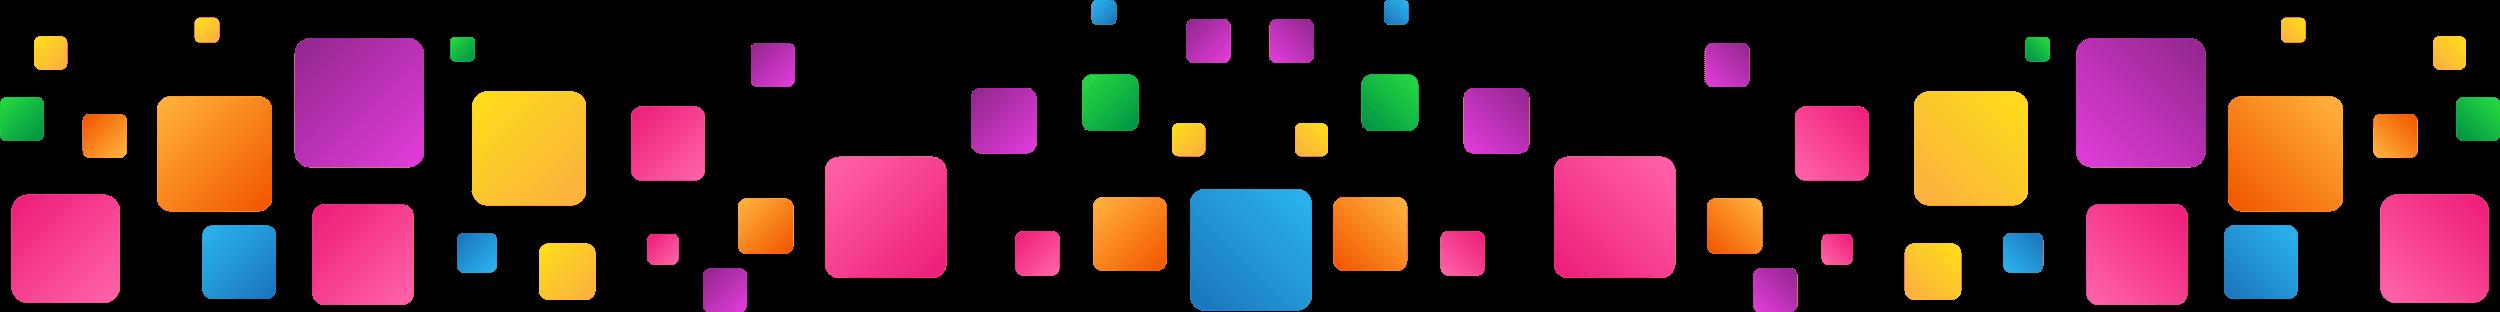 ColorShapes-long